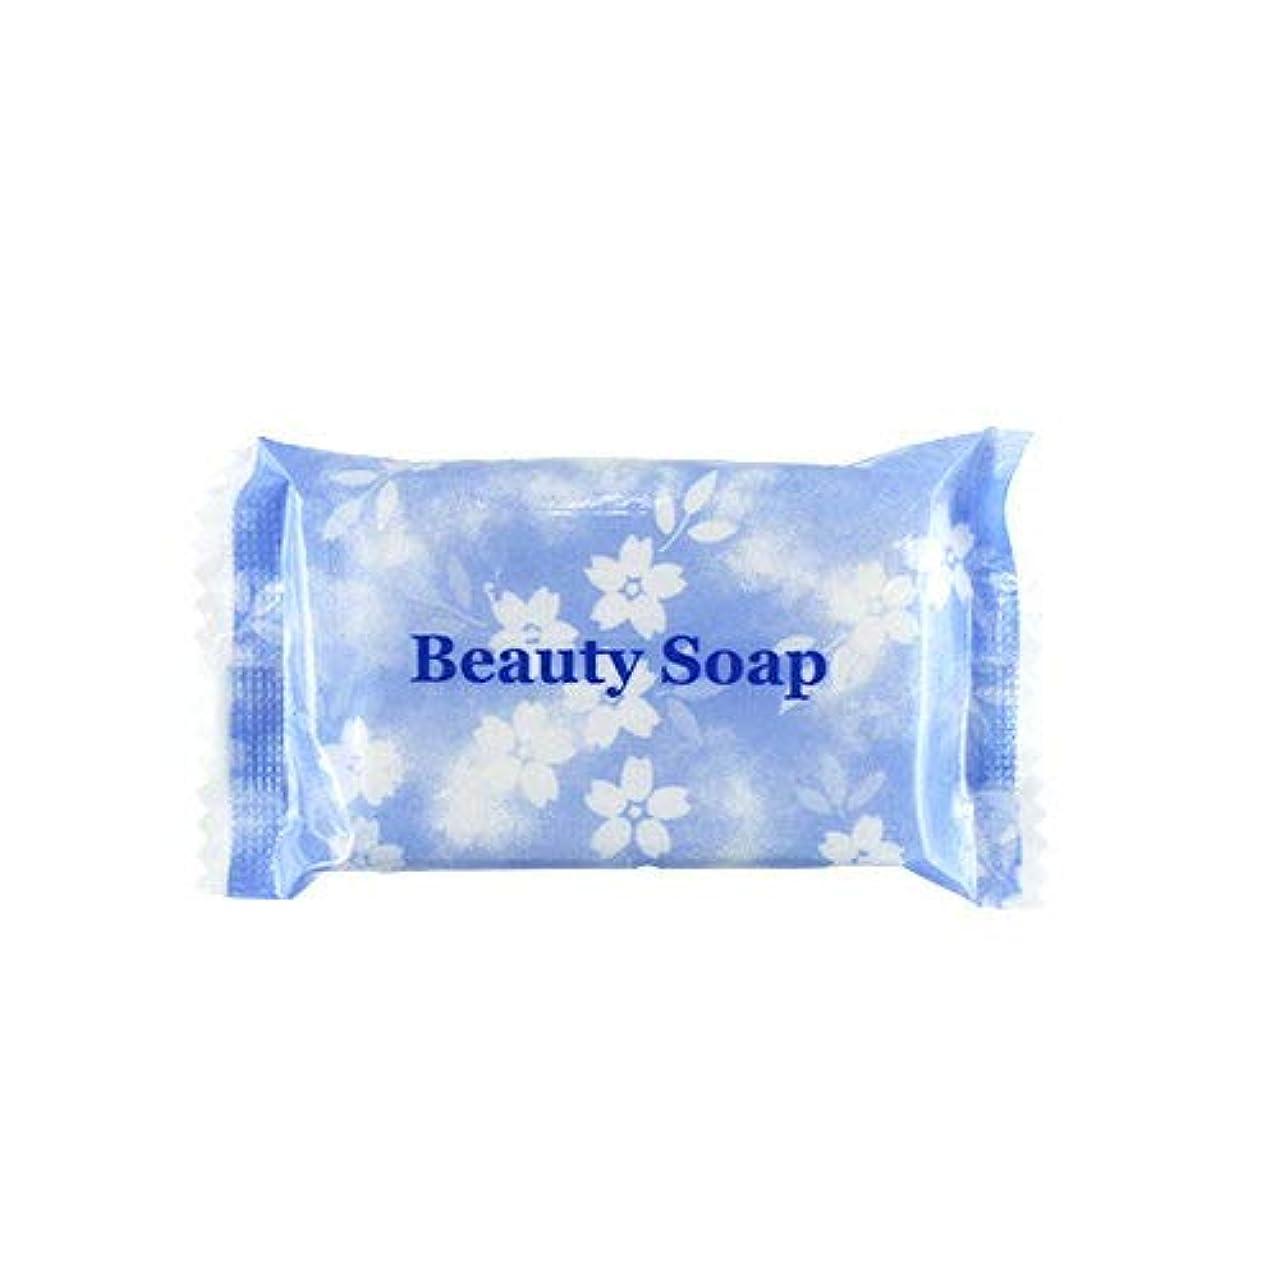 タヒチネスト寮業務用 クロバーコーポレーション ビューティーソープ(Beauty Soap) 15g×40個セット | ホテルアメニティ 個包装